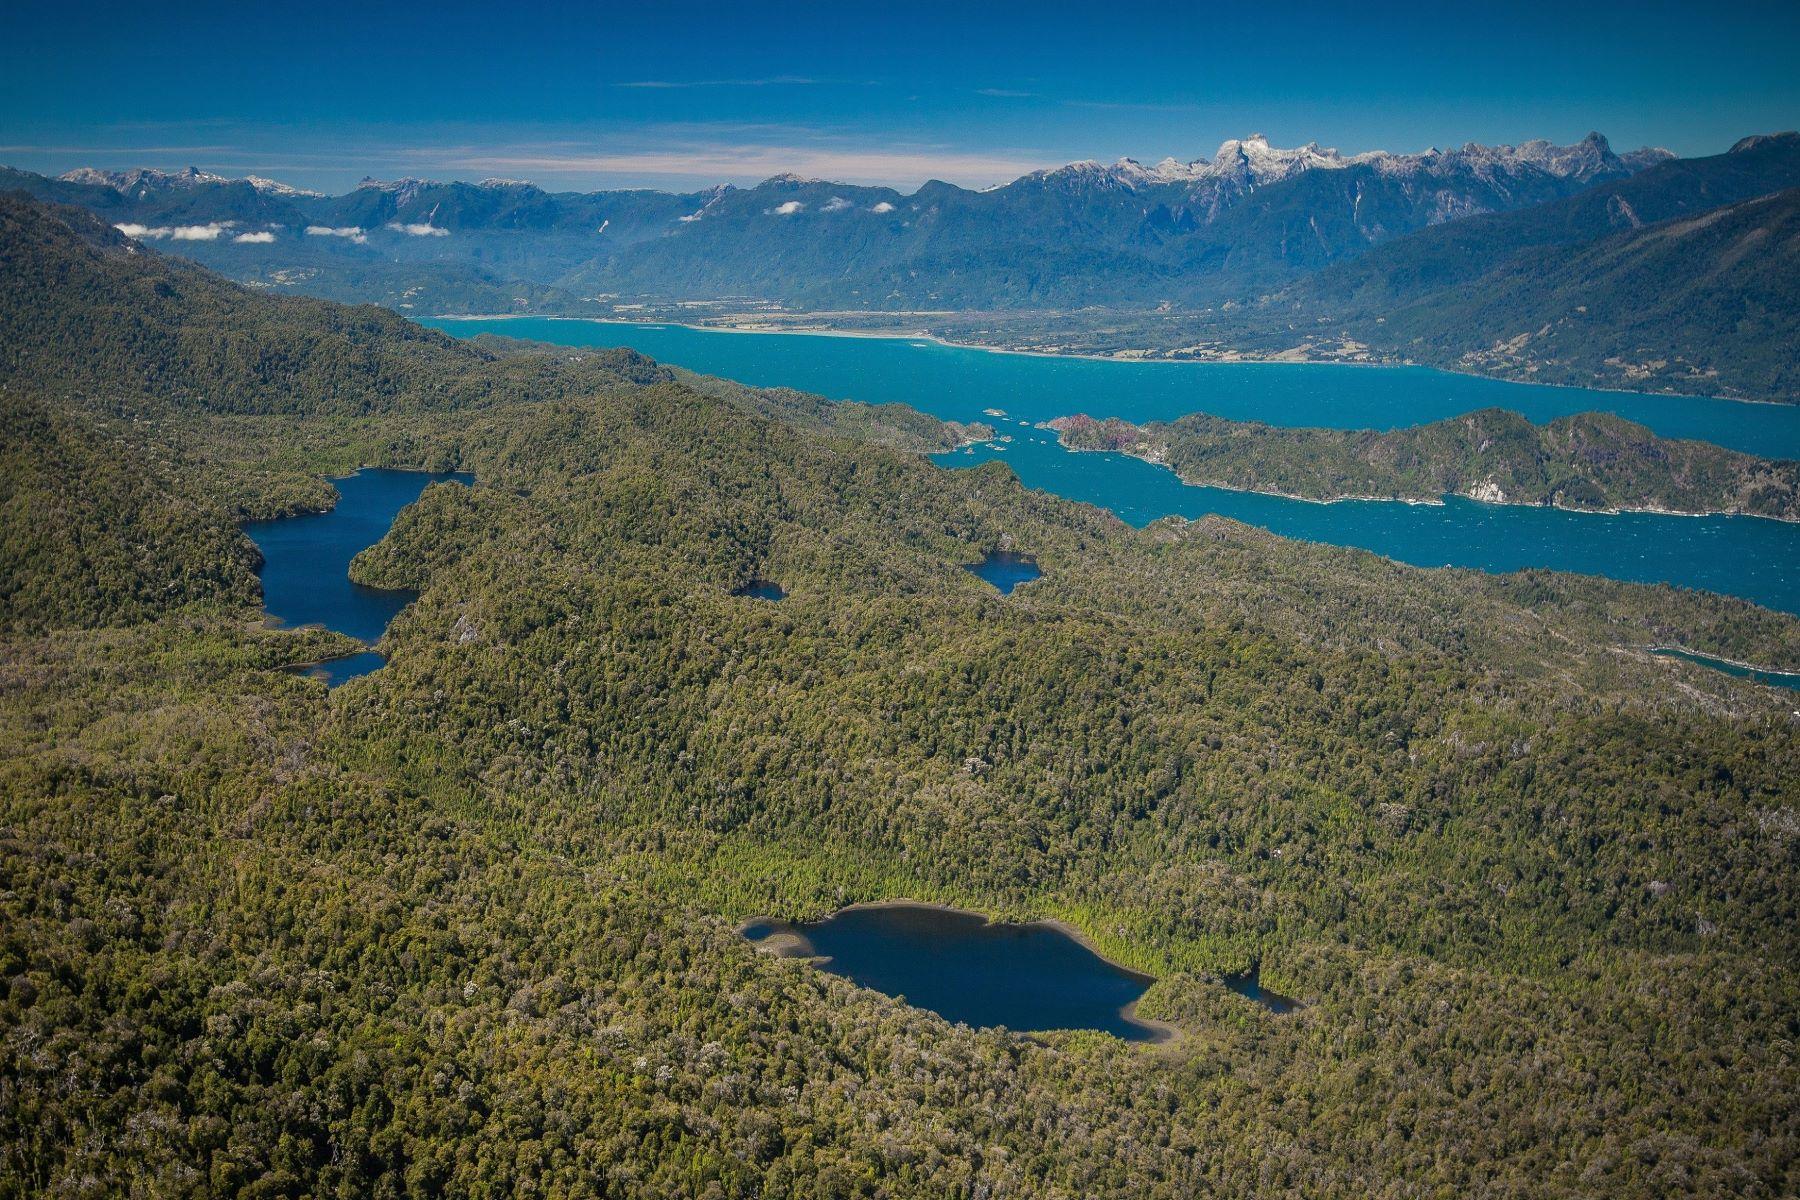 Ferme / Ranch / Plantation pour l Vente à Parque Reloncaví - Fundo El Chilco Parque Reloncaví- Fundo El Chilco Chilean Patagonia, Chilean Patagonia Sur Portfolio LLANQUIHUE Chili